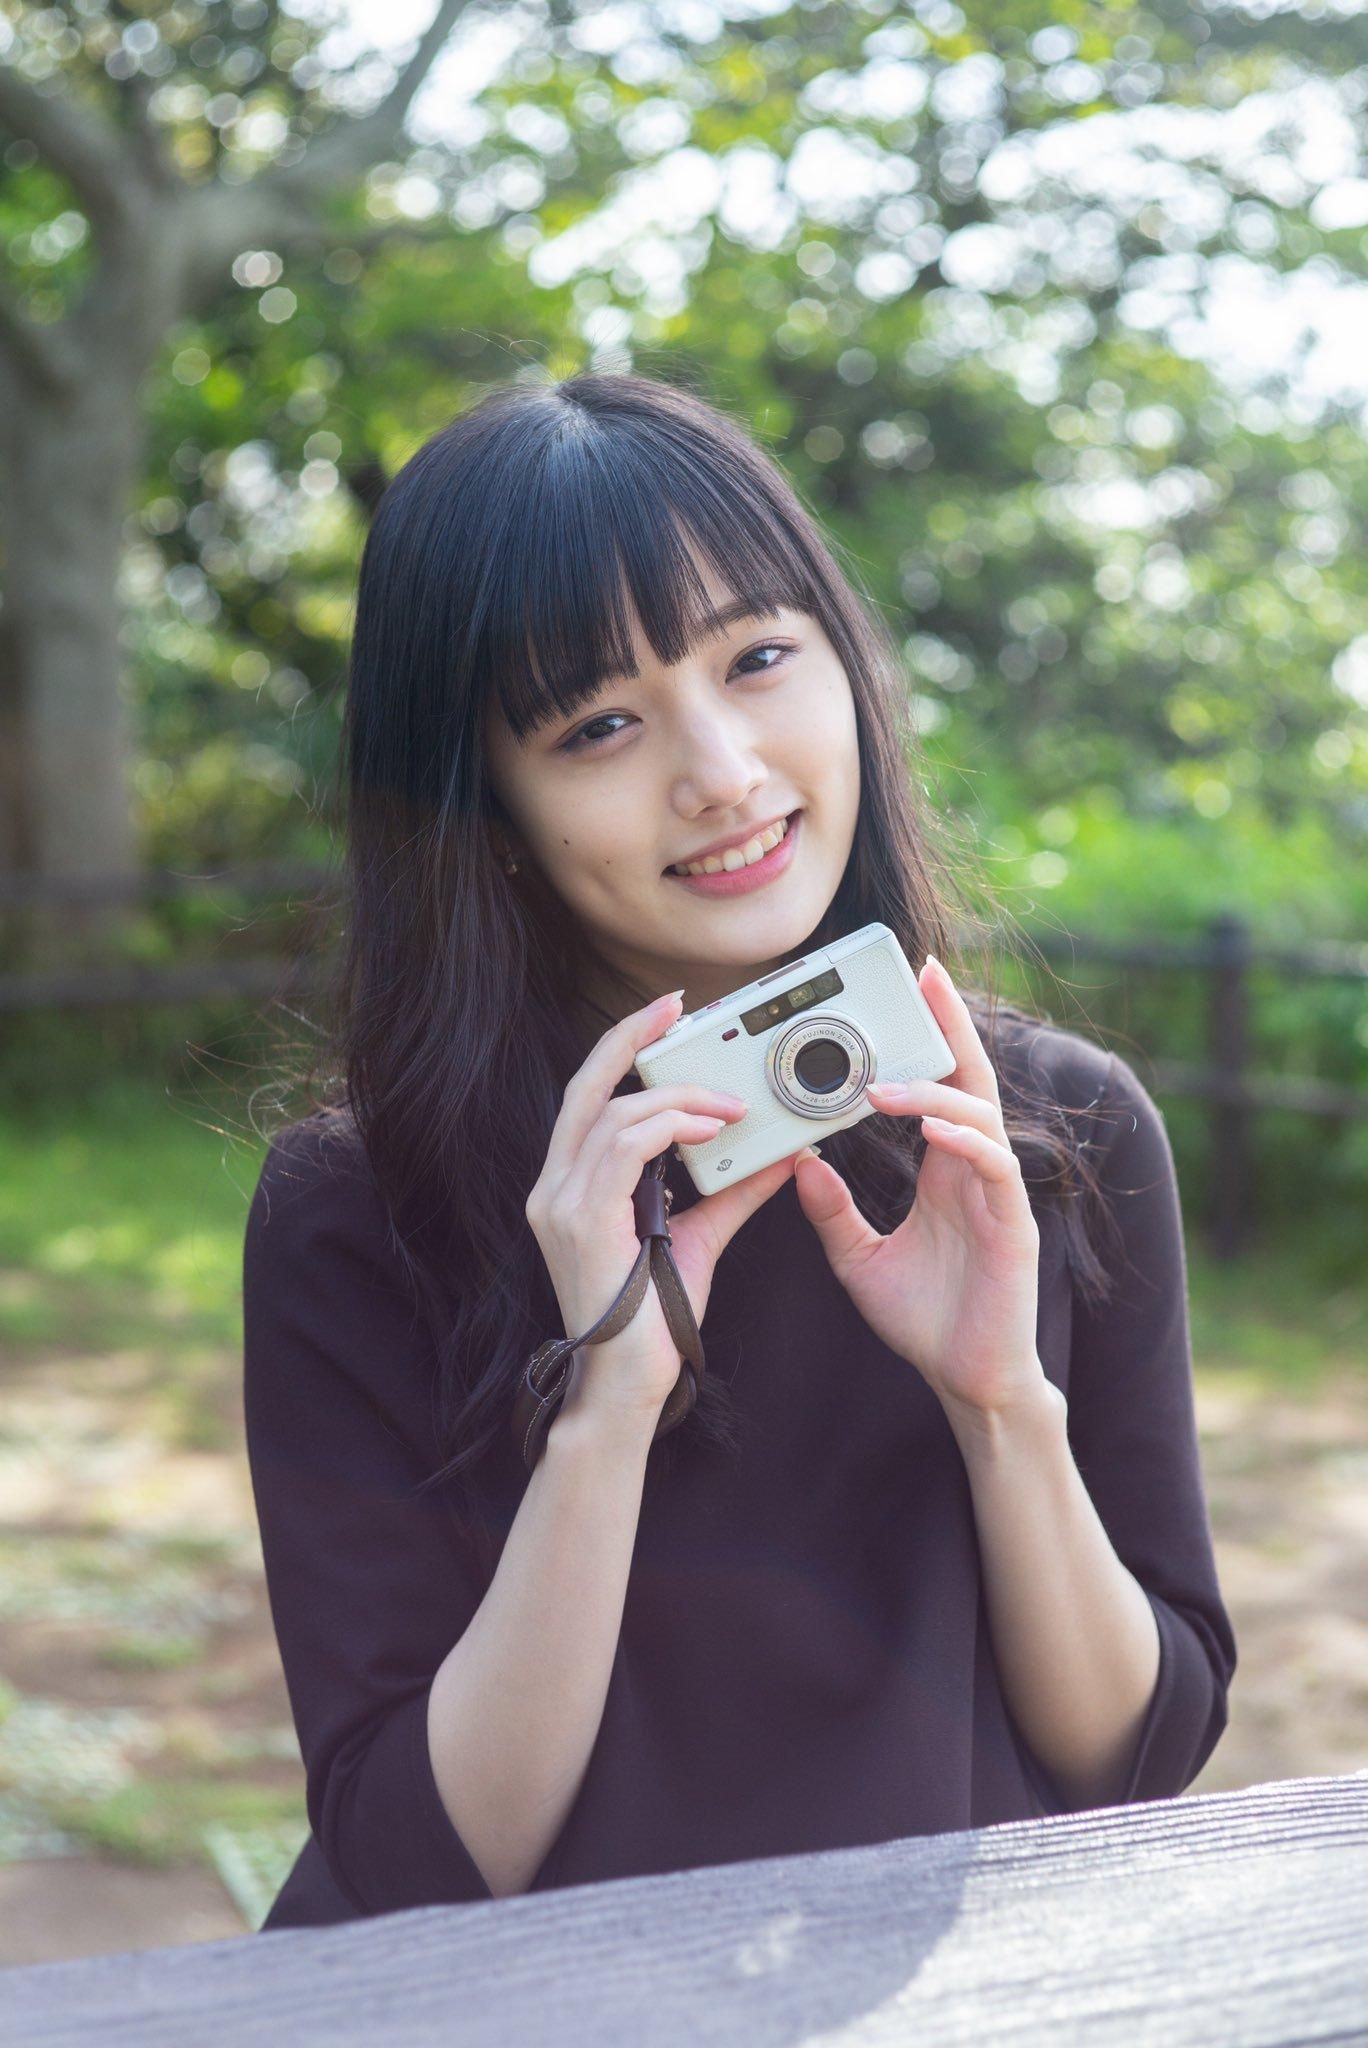 久等了20岁安藤笑樱睽违近一年推出写真 养眼图片 第4张